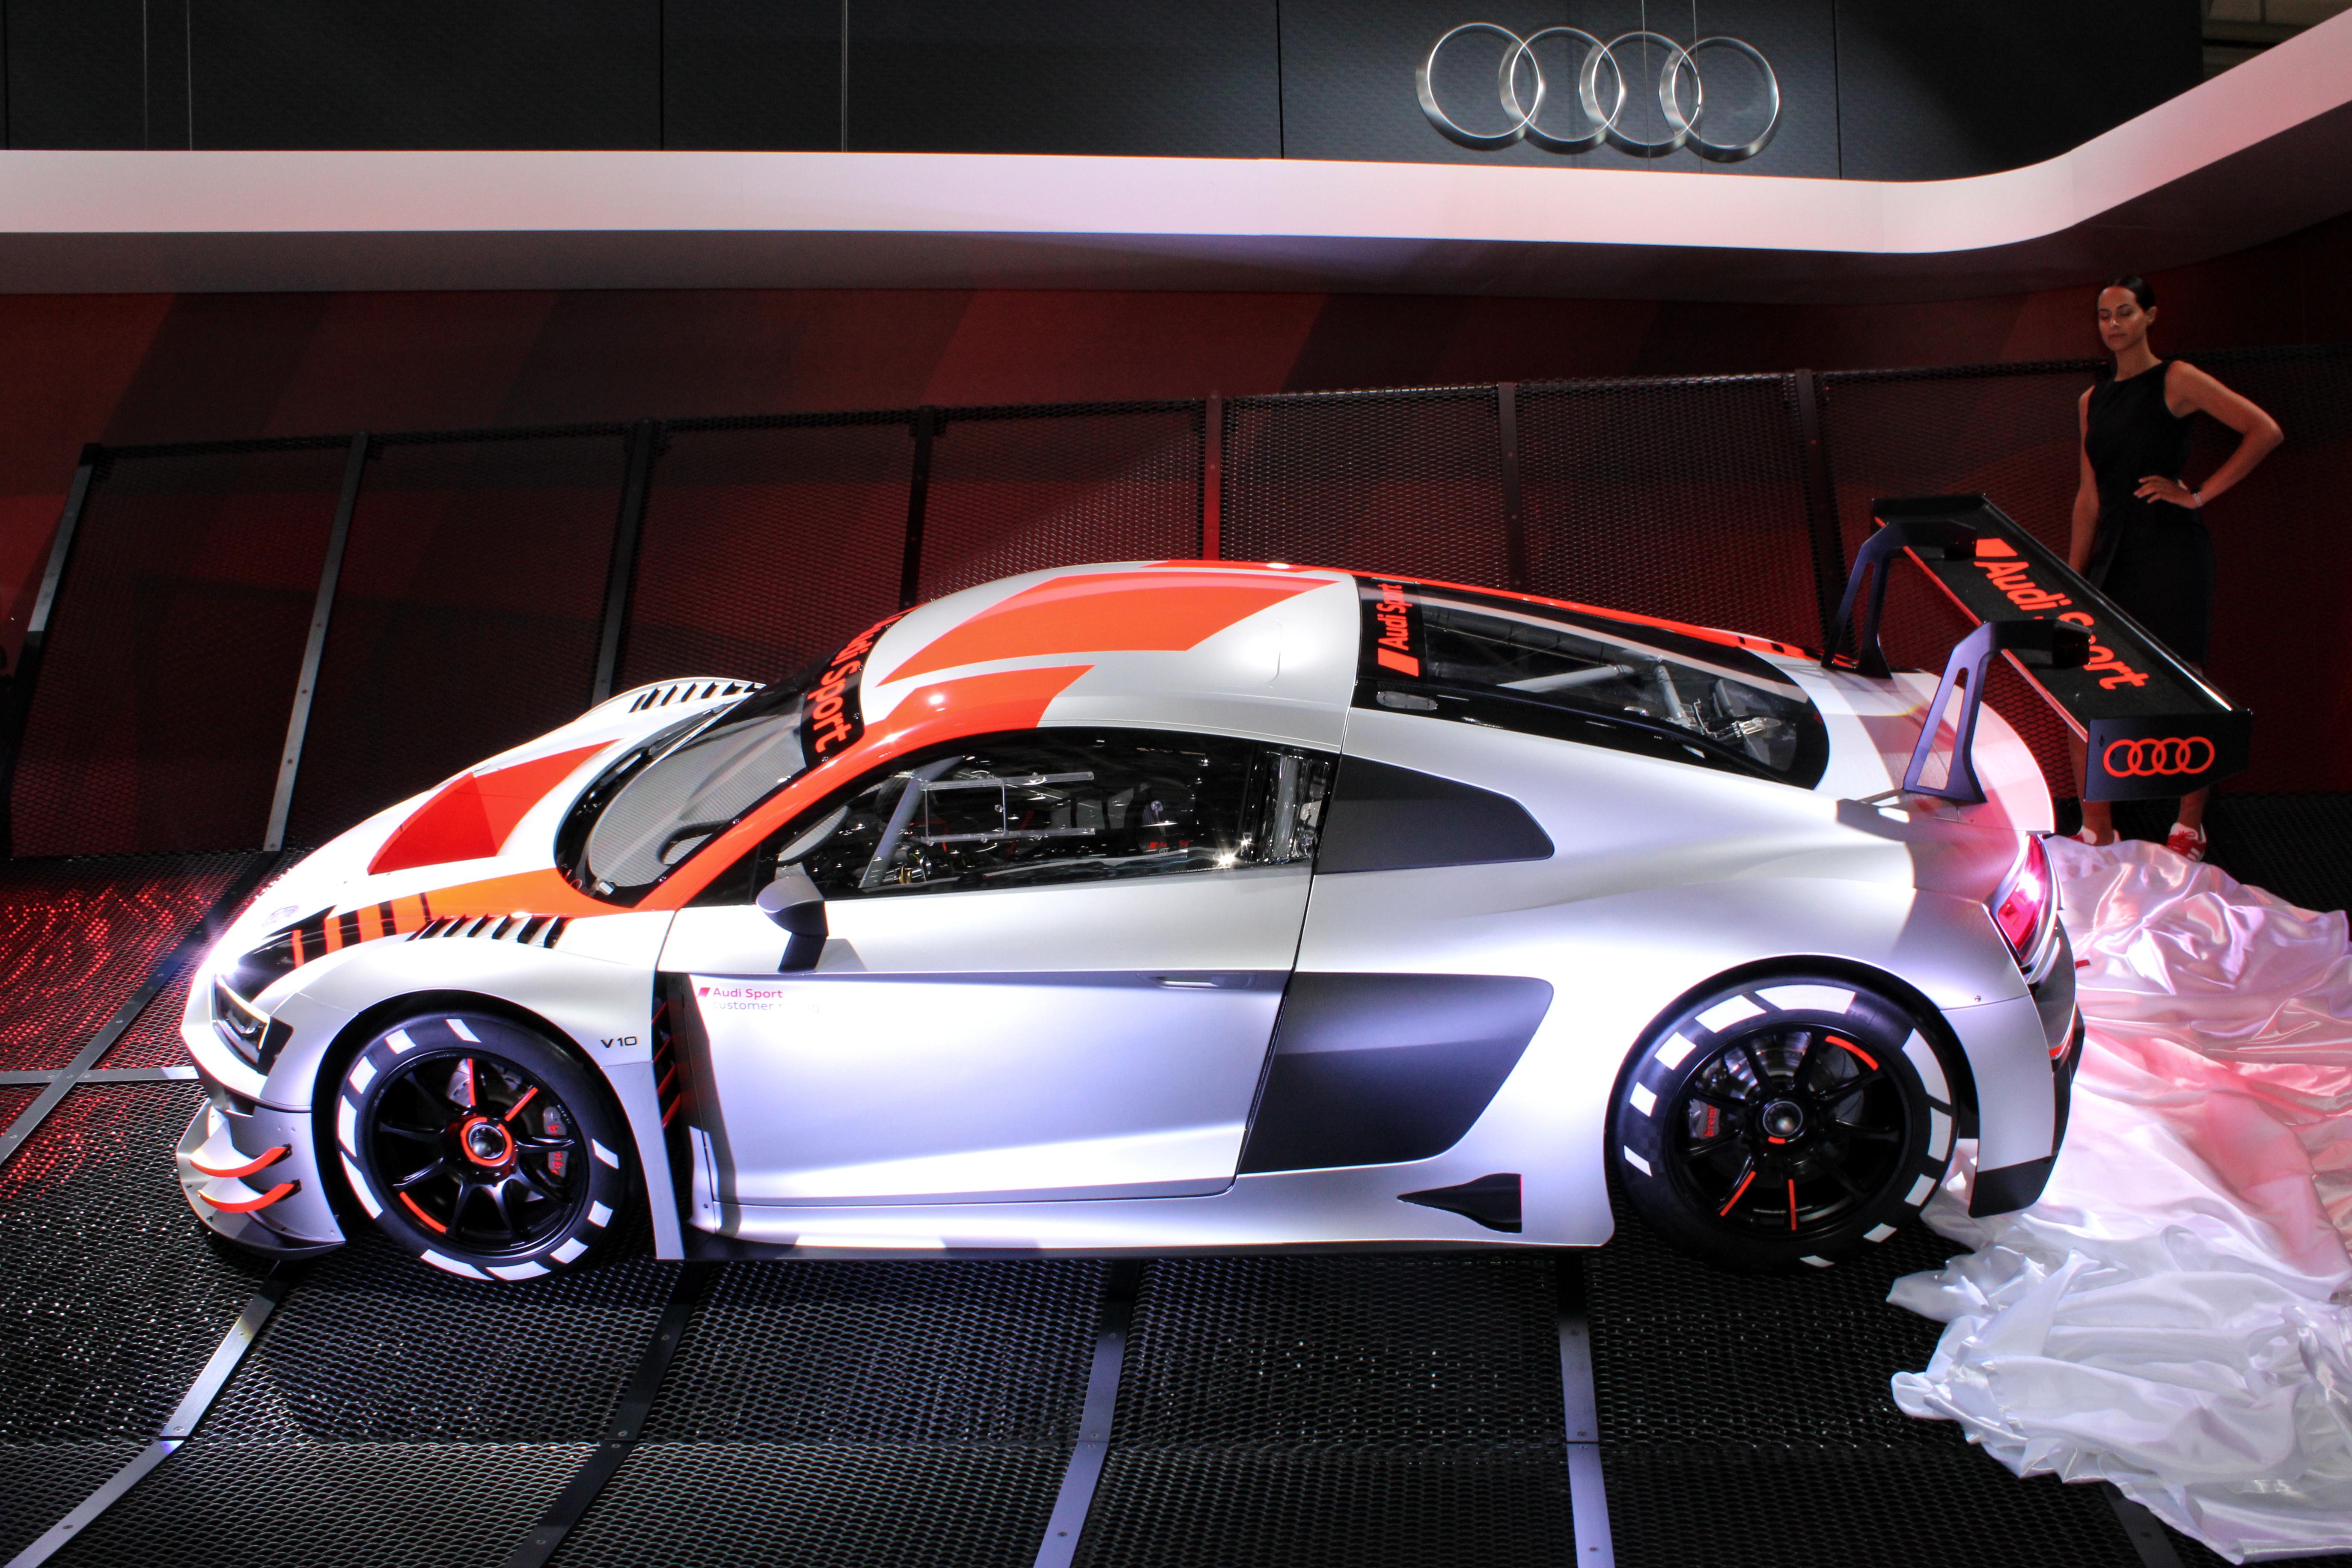 Fichier:Audi R8 LMS GT3, Paris Motor Show 2018, IMG 0411.jpg